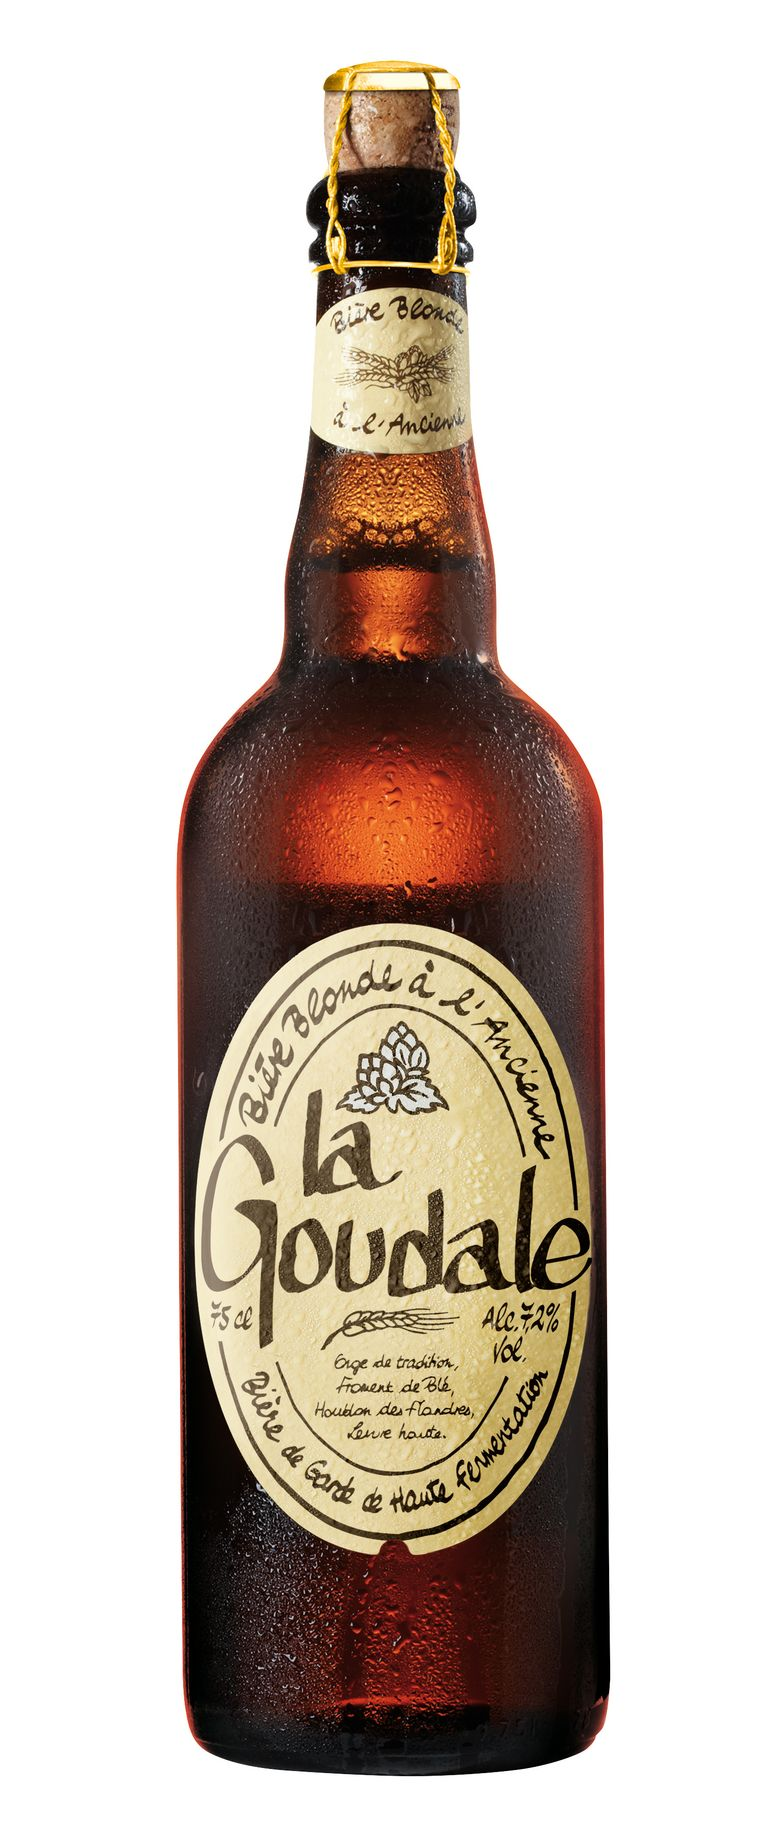 La Goudale: een moutige en zachte doordrinker. Beeld .